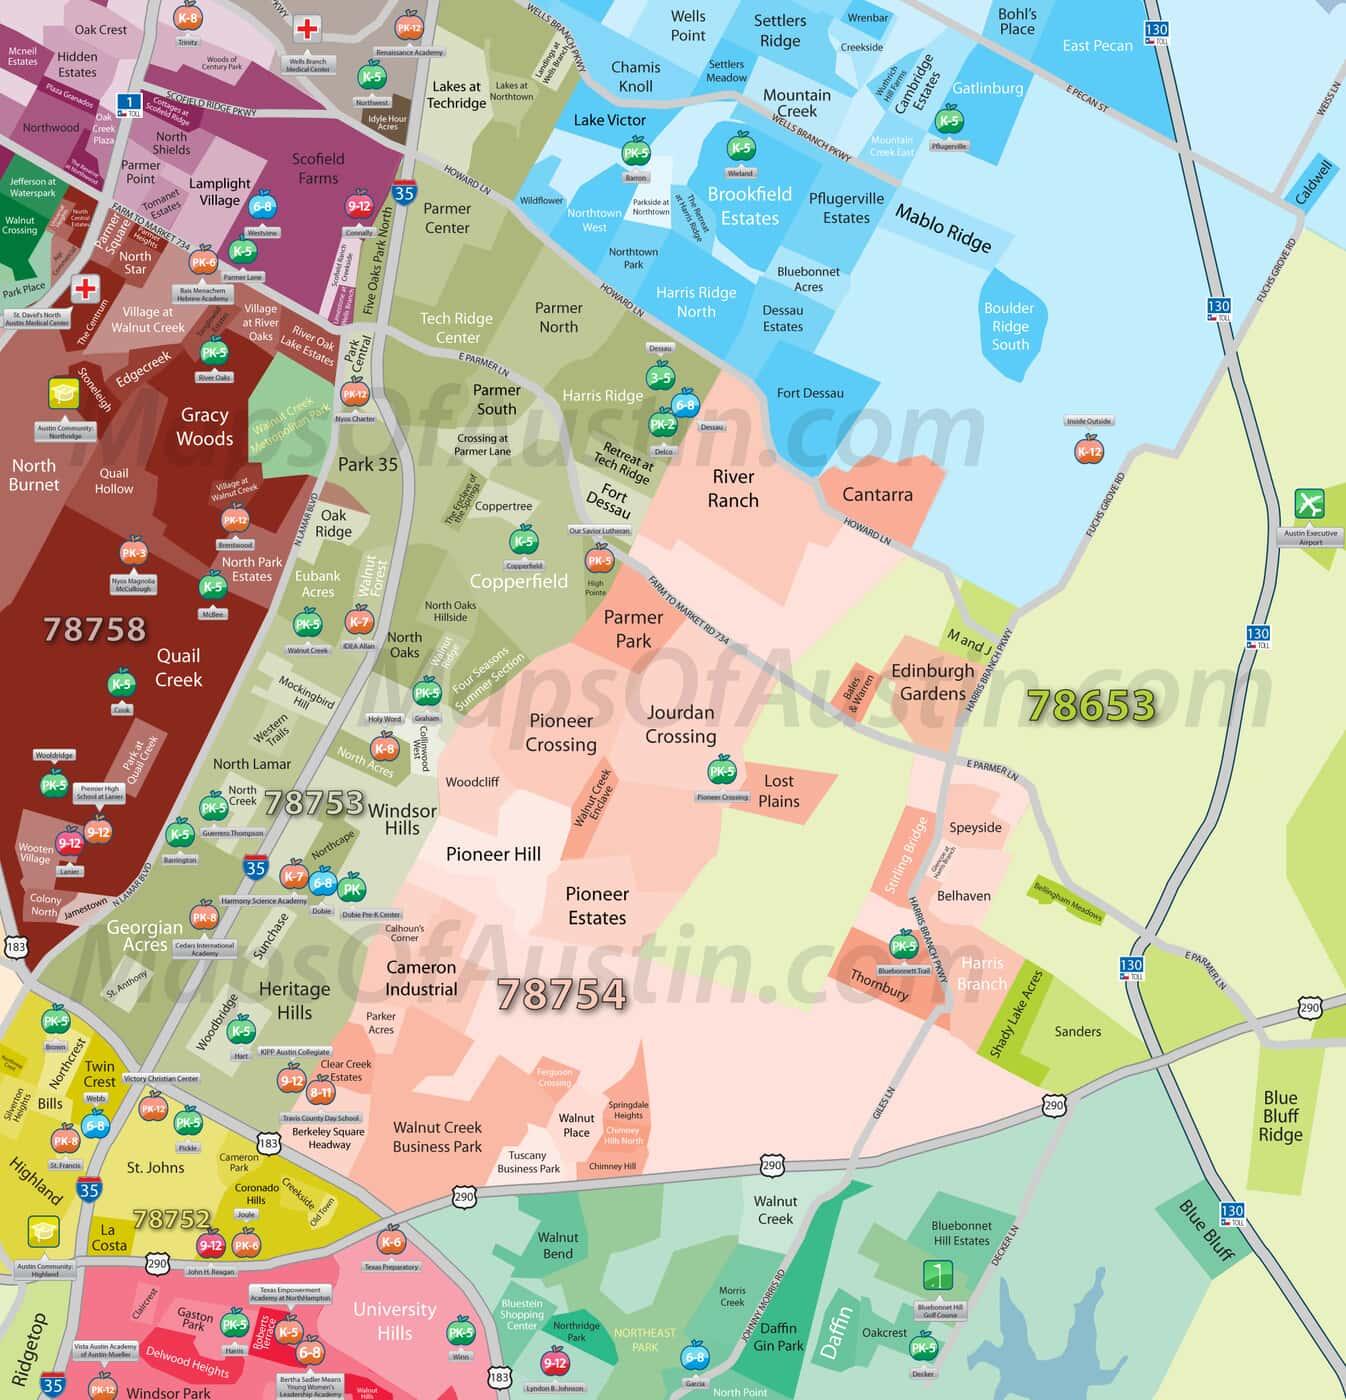 Northeast Austin, TX - Northeast Austin, TX Neighborhood Map